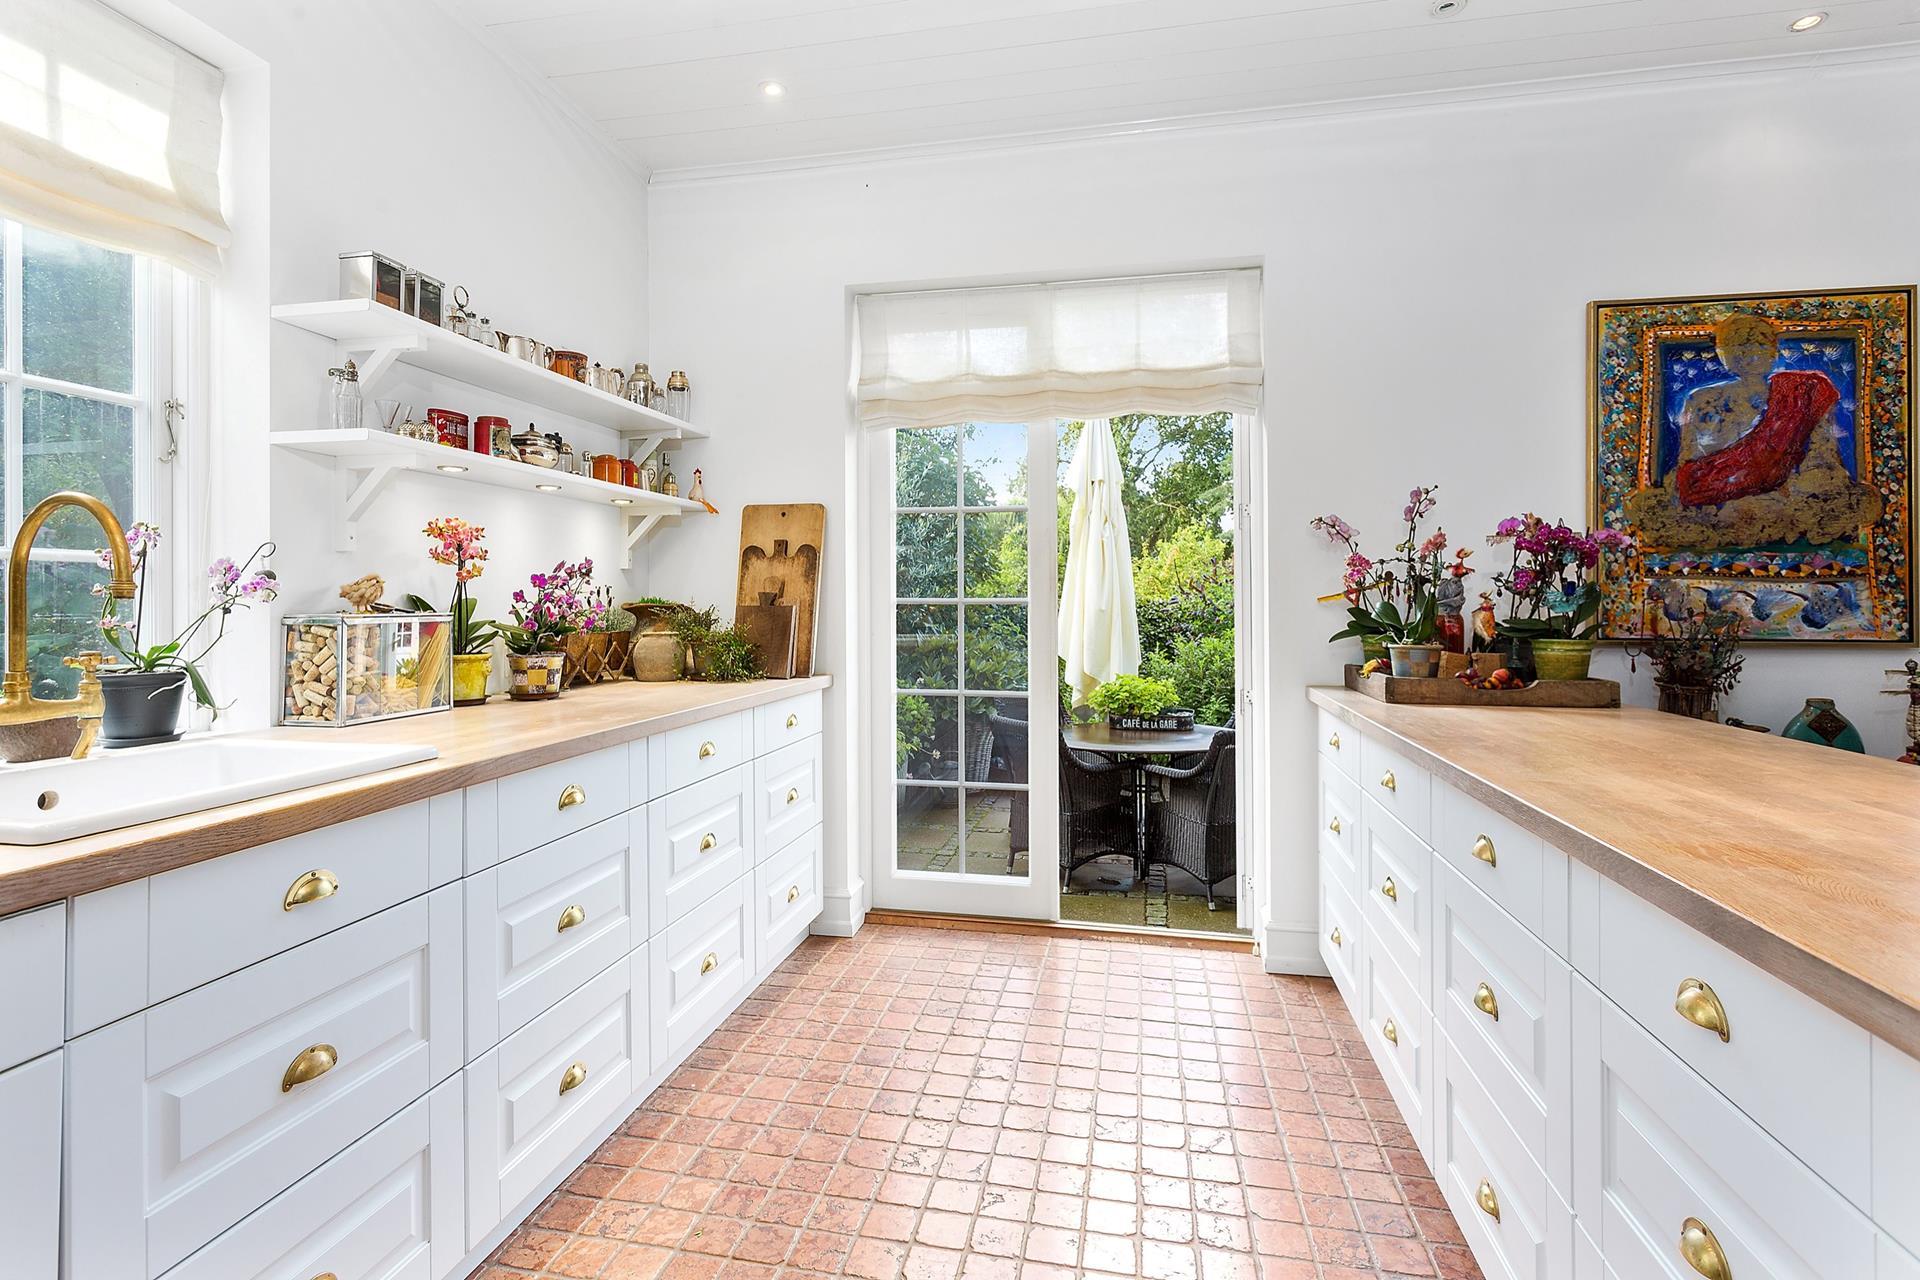 кухня белые фасады кухонный остров полки с подсветкой французские двери